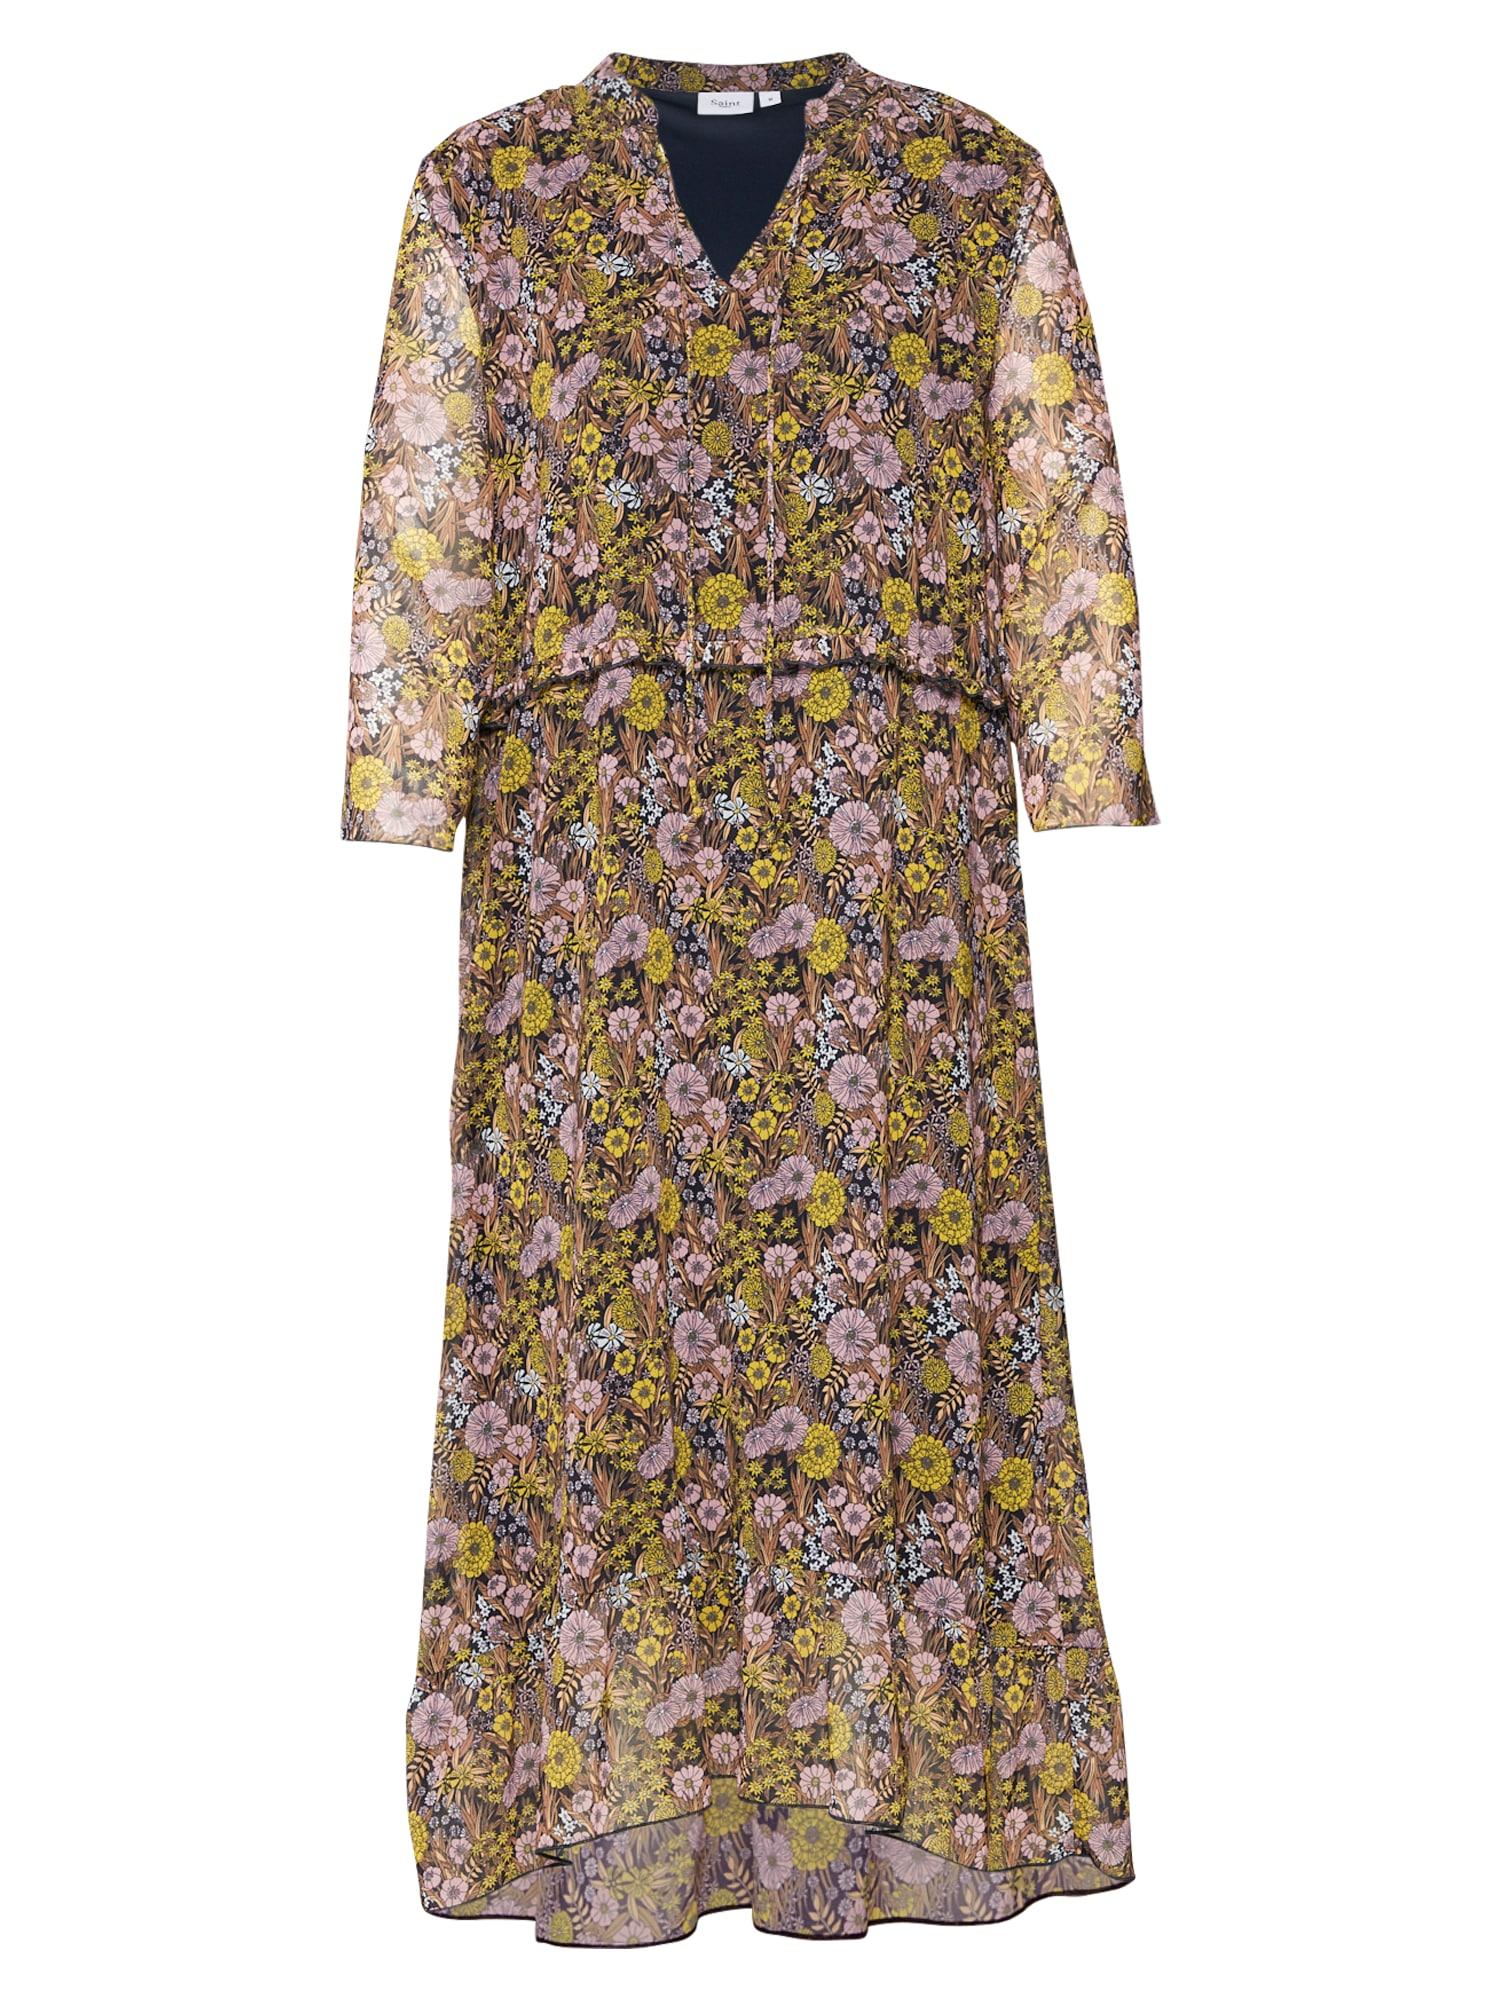 Šaty hnědá mix barev SAINT TROPEZ